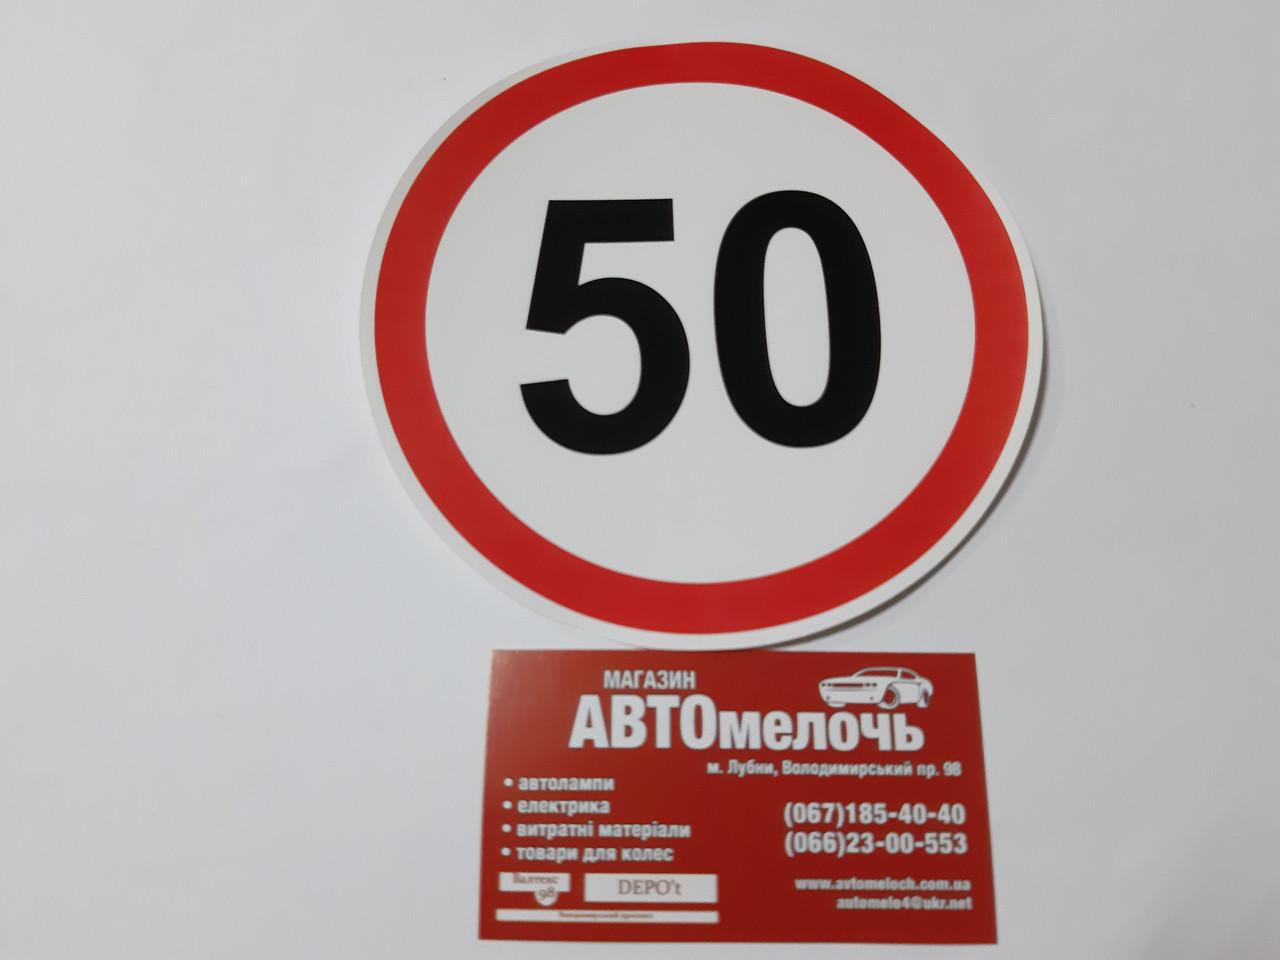 Наклейка обмеження 50 км